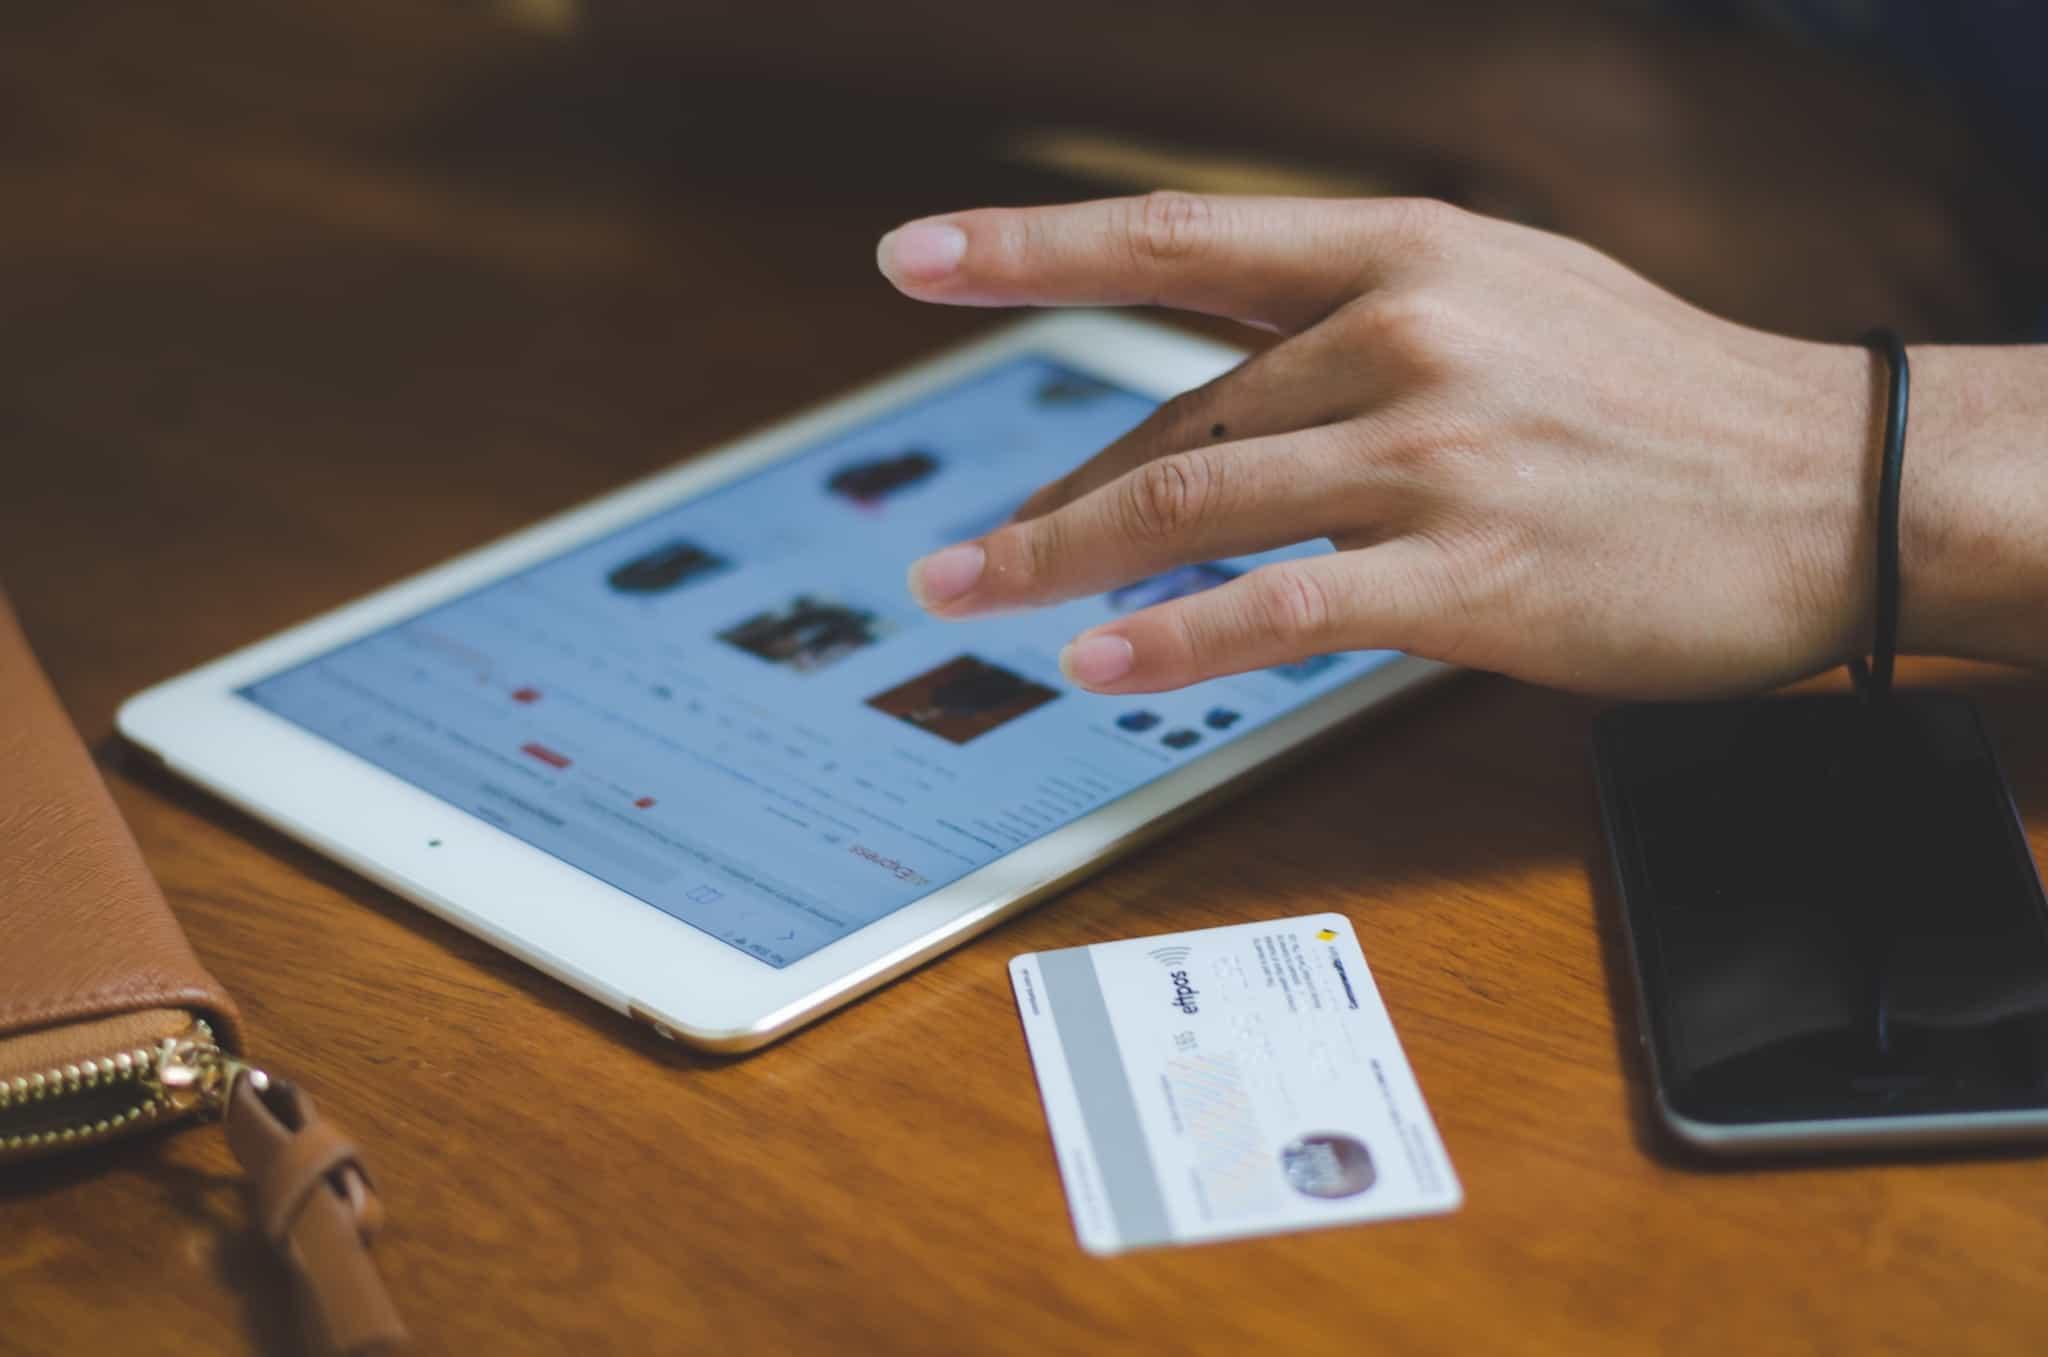 pessoa a fazer compras online no tablet com o cartão ao lado